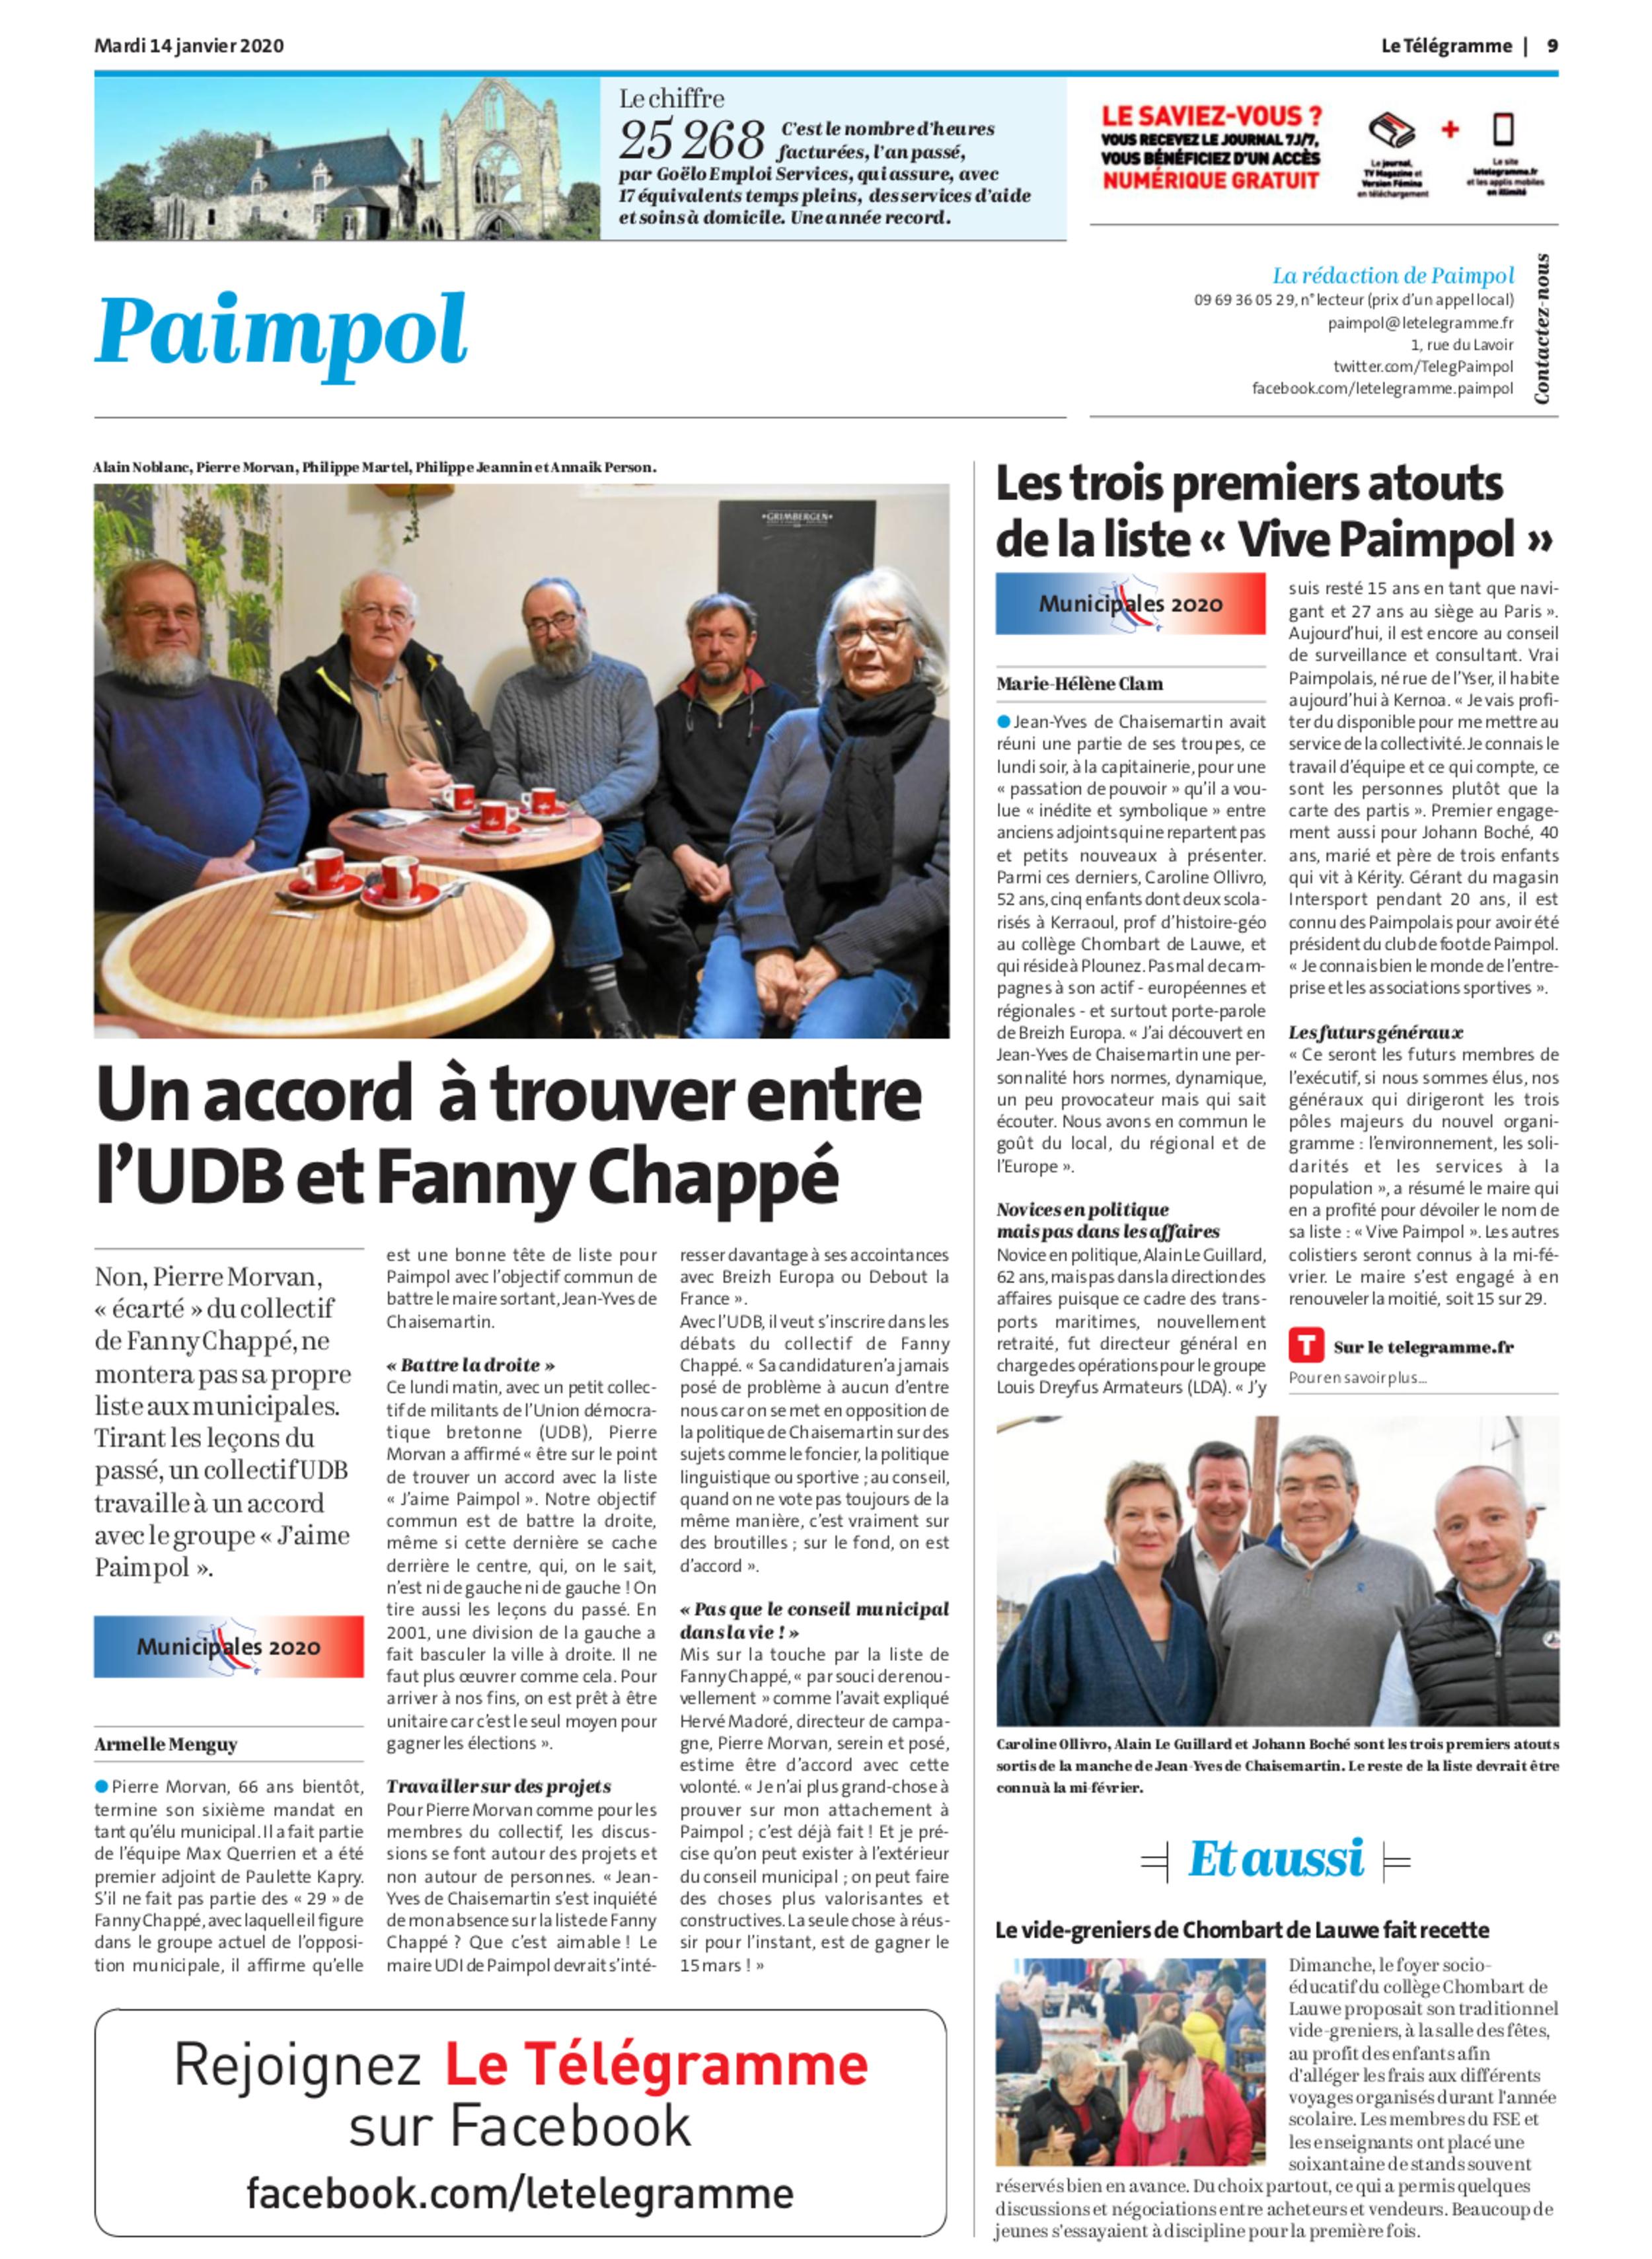 """Les trois premiers atouts de la liste """"Vive Paimpol"""""""